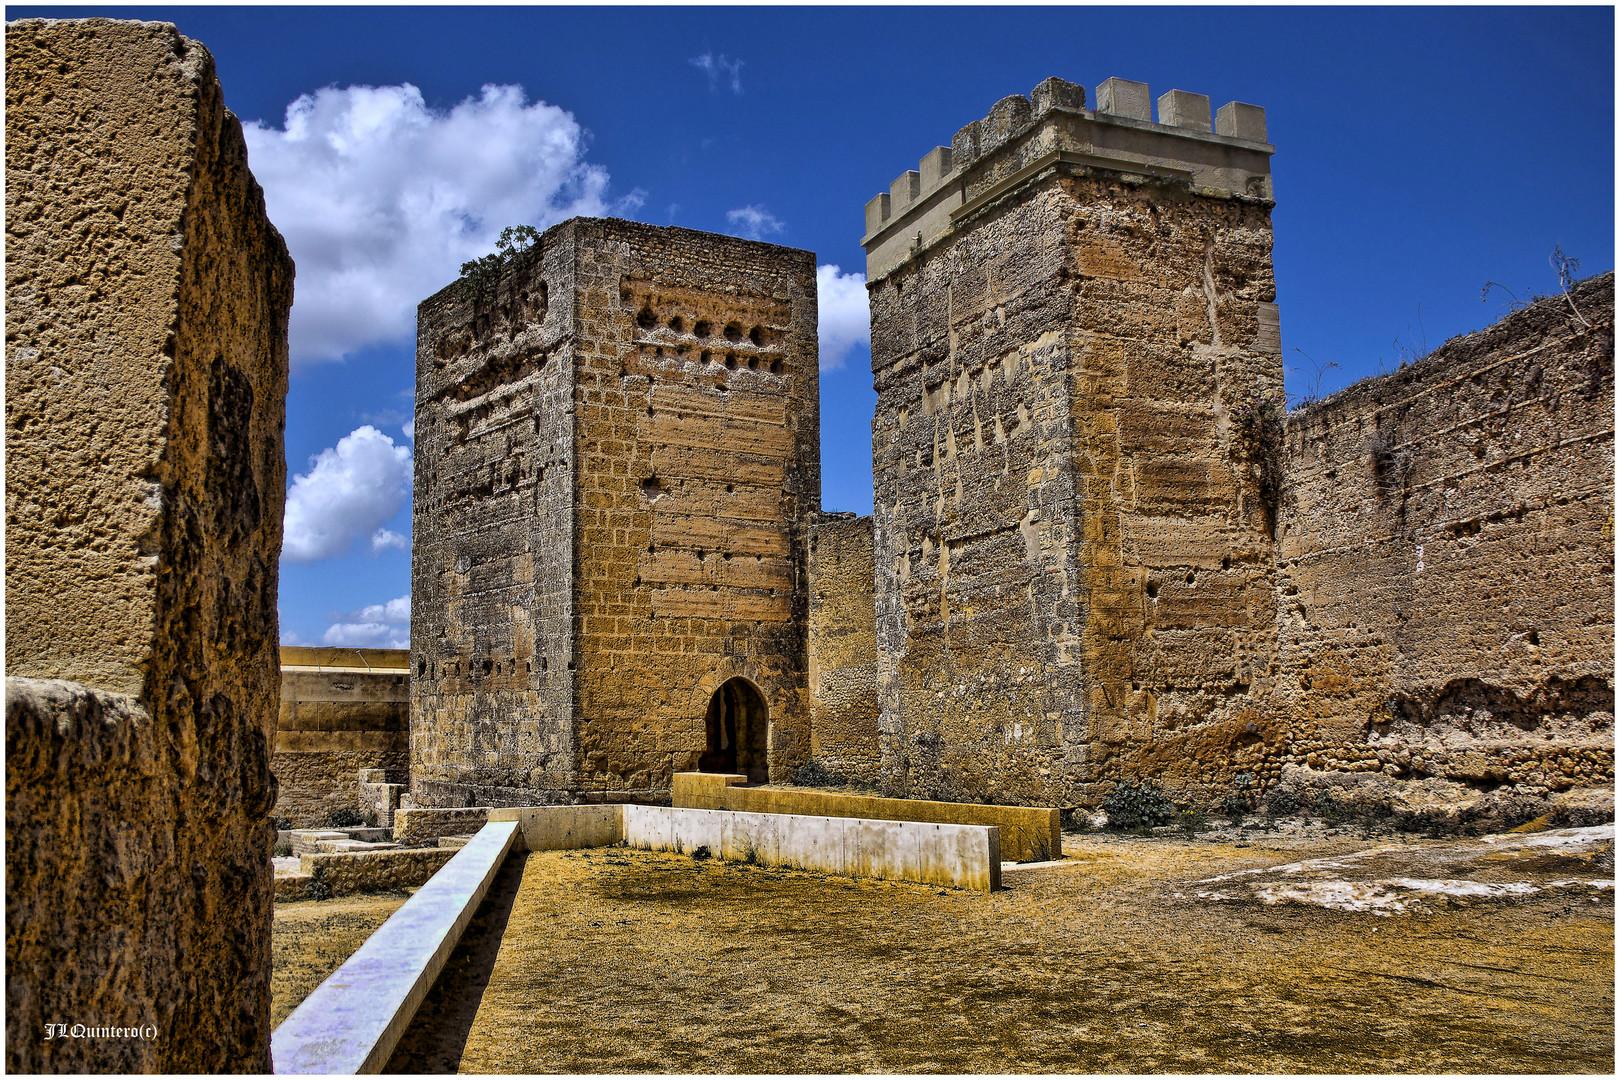 Aquel viejo castillo